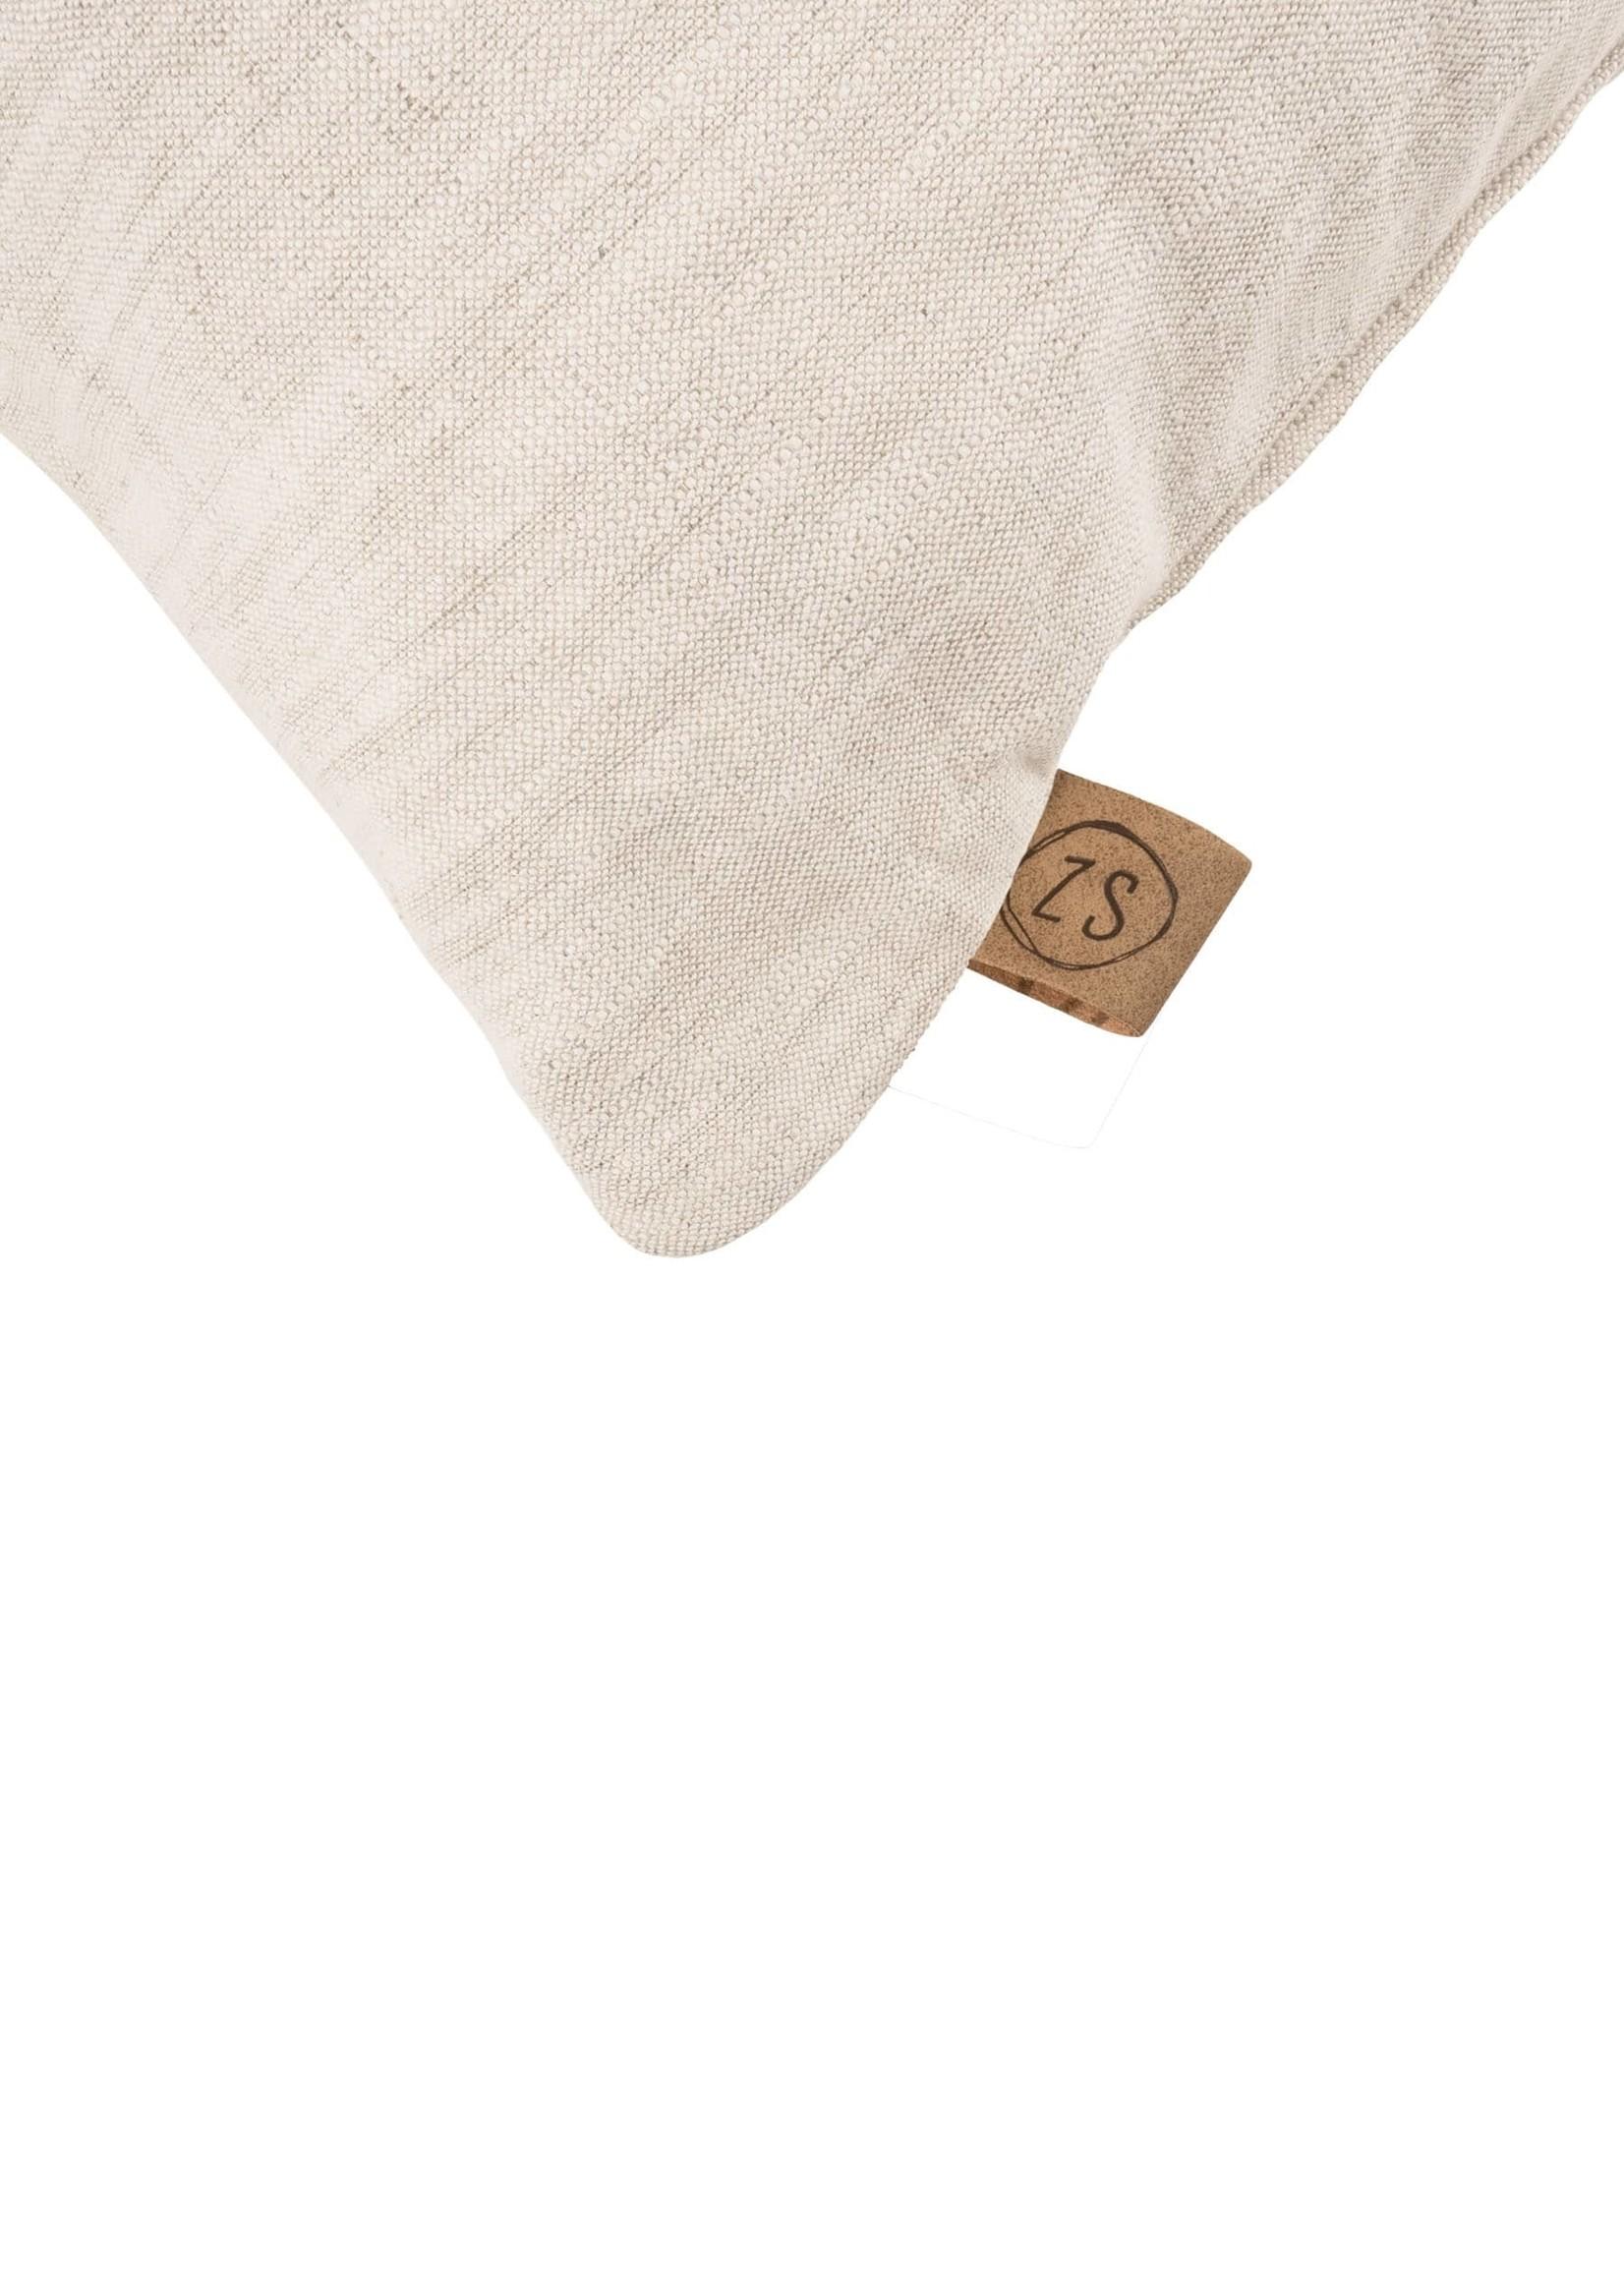 ZUSSS kussen letter z 45x45cm peper en zout